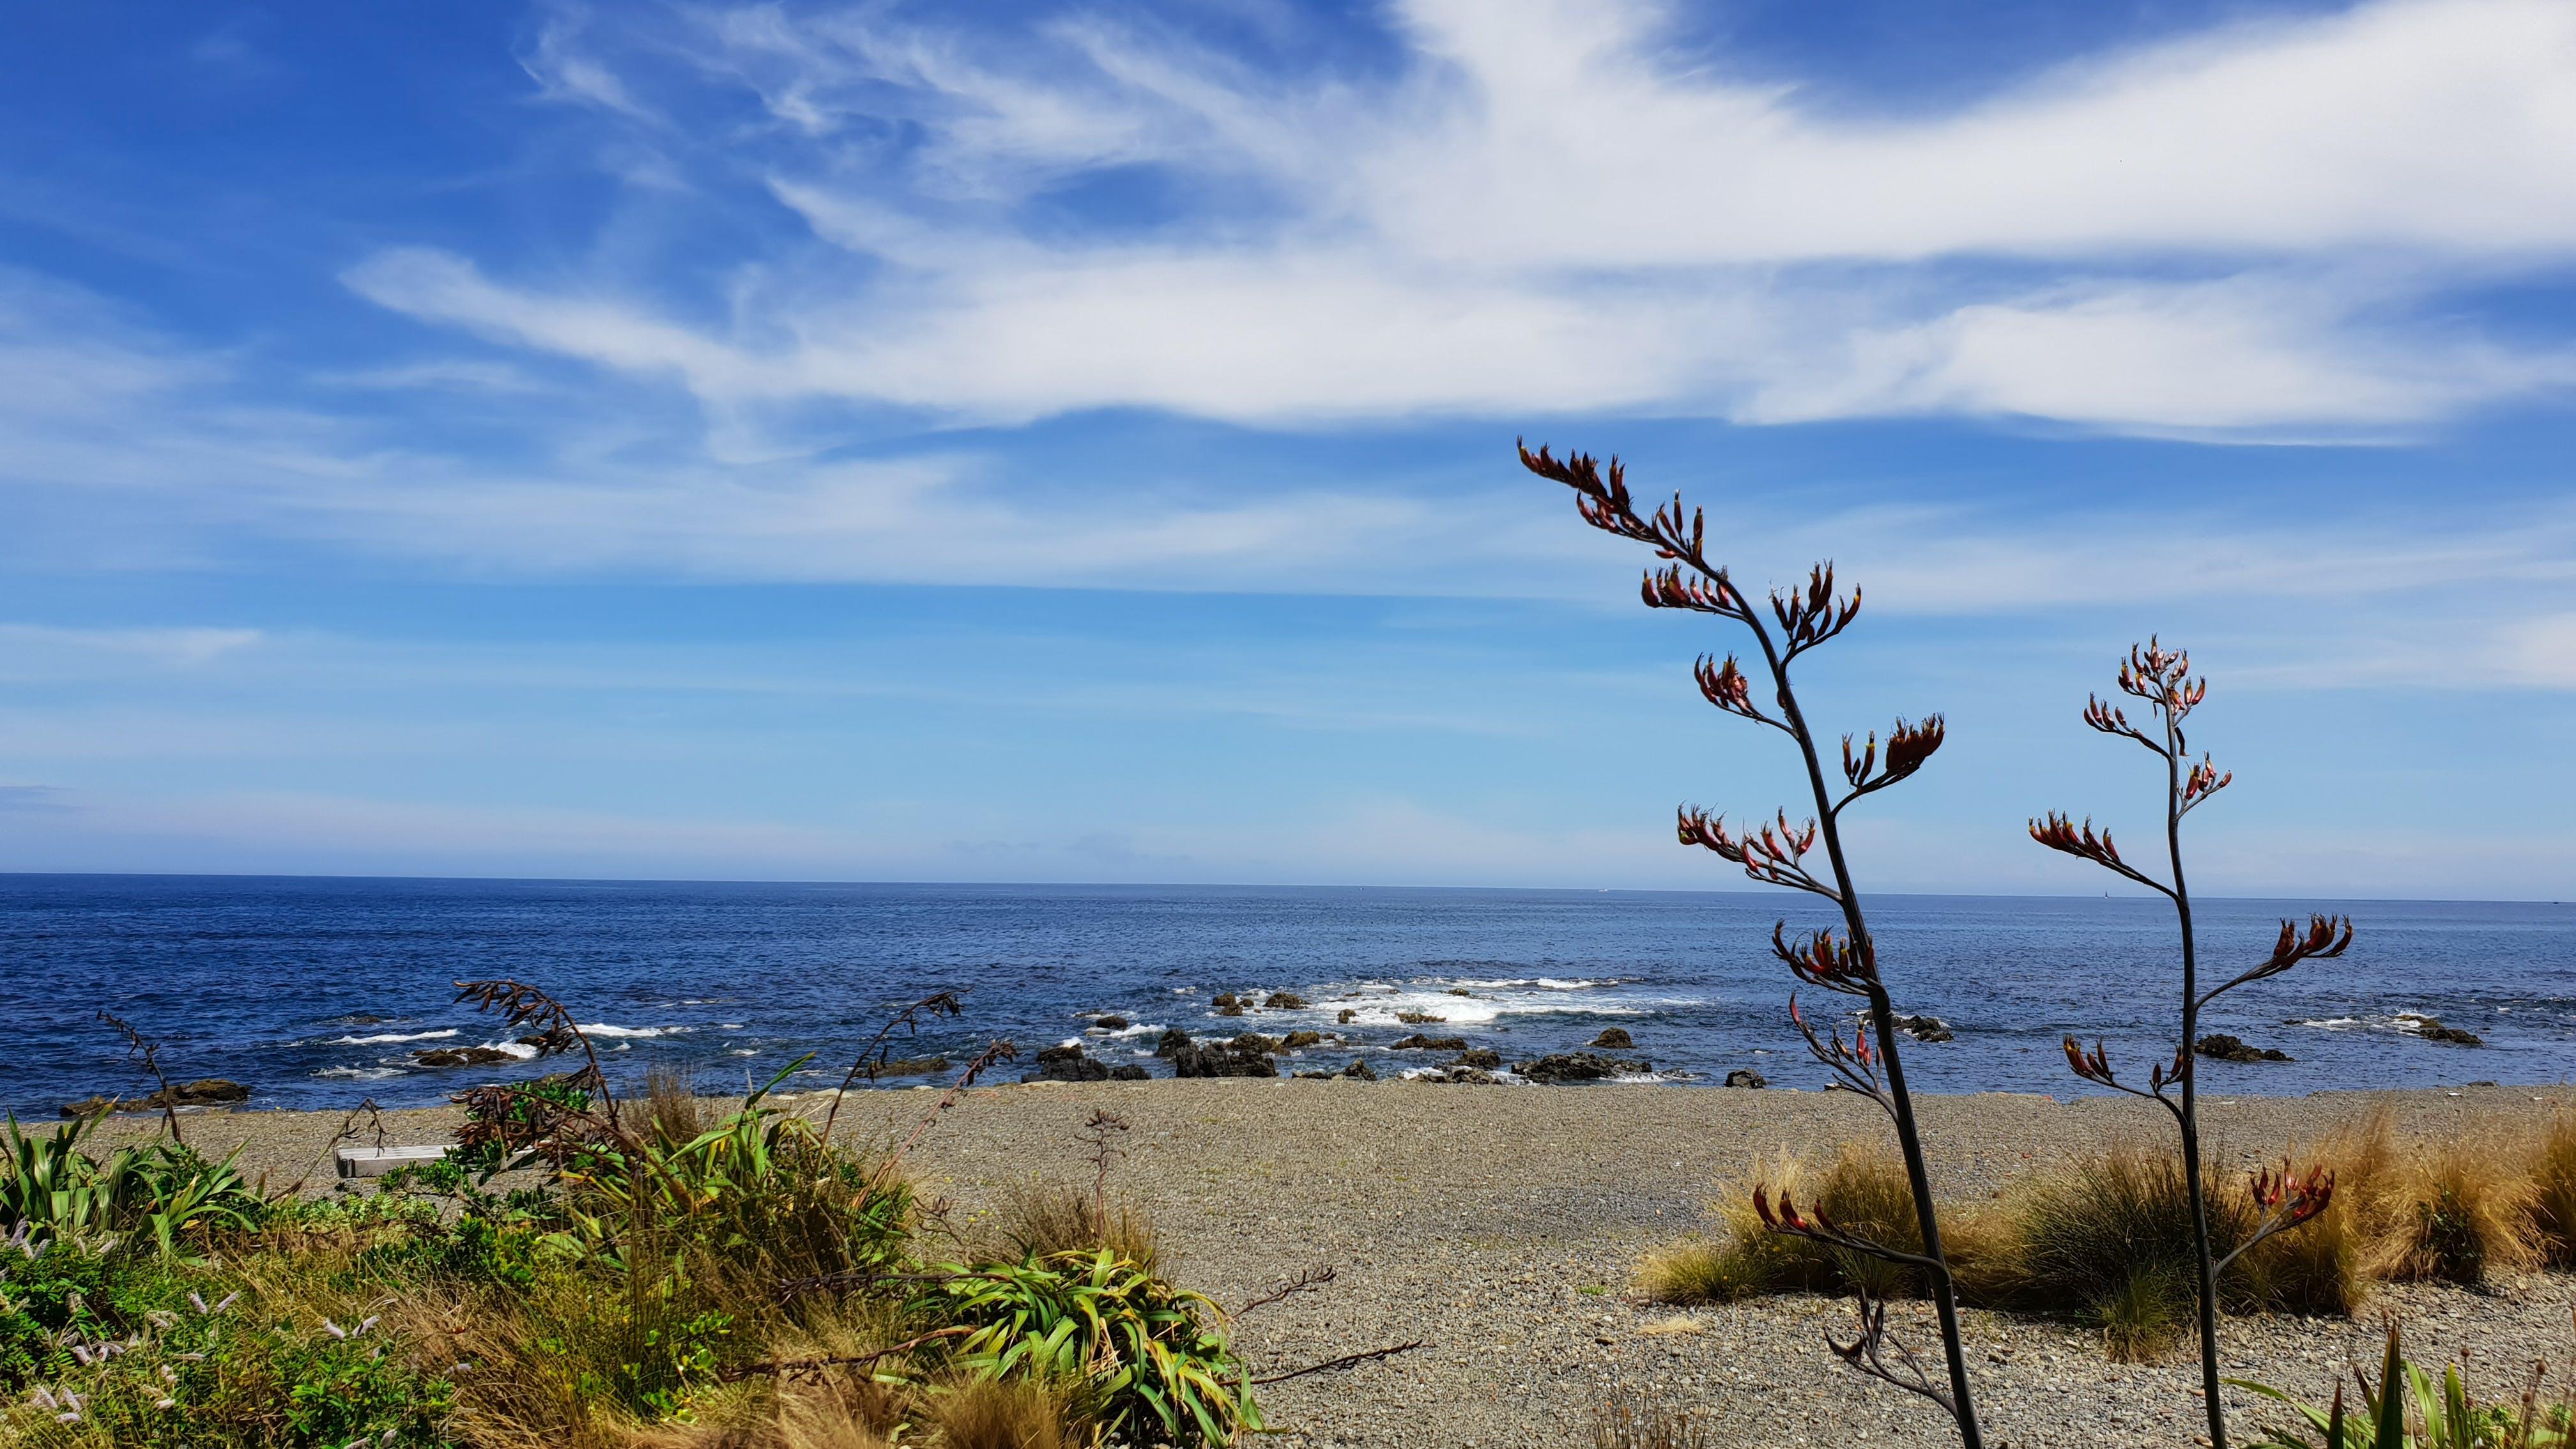 Kostenloses Stock Foto zu atemberaubend, bewölkt, blauer himmel, busch